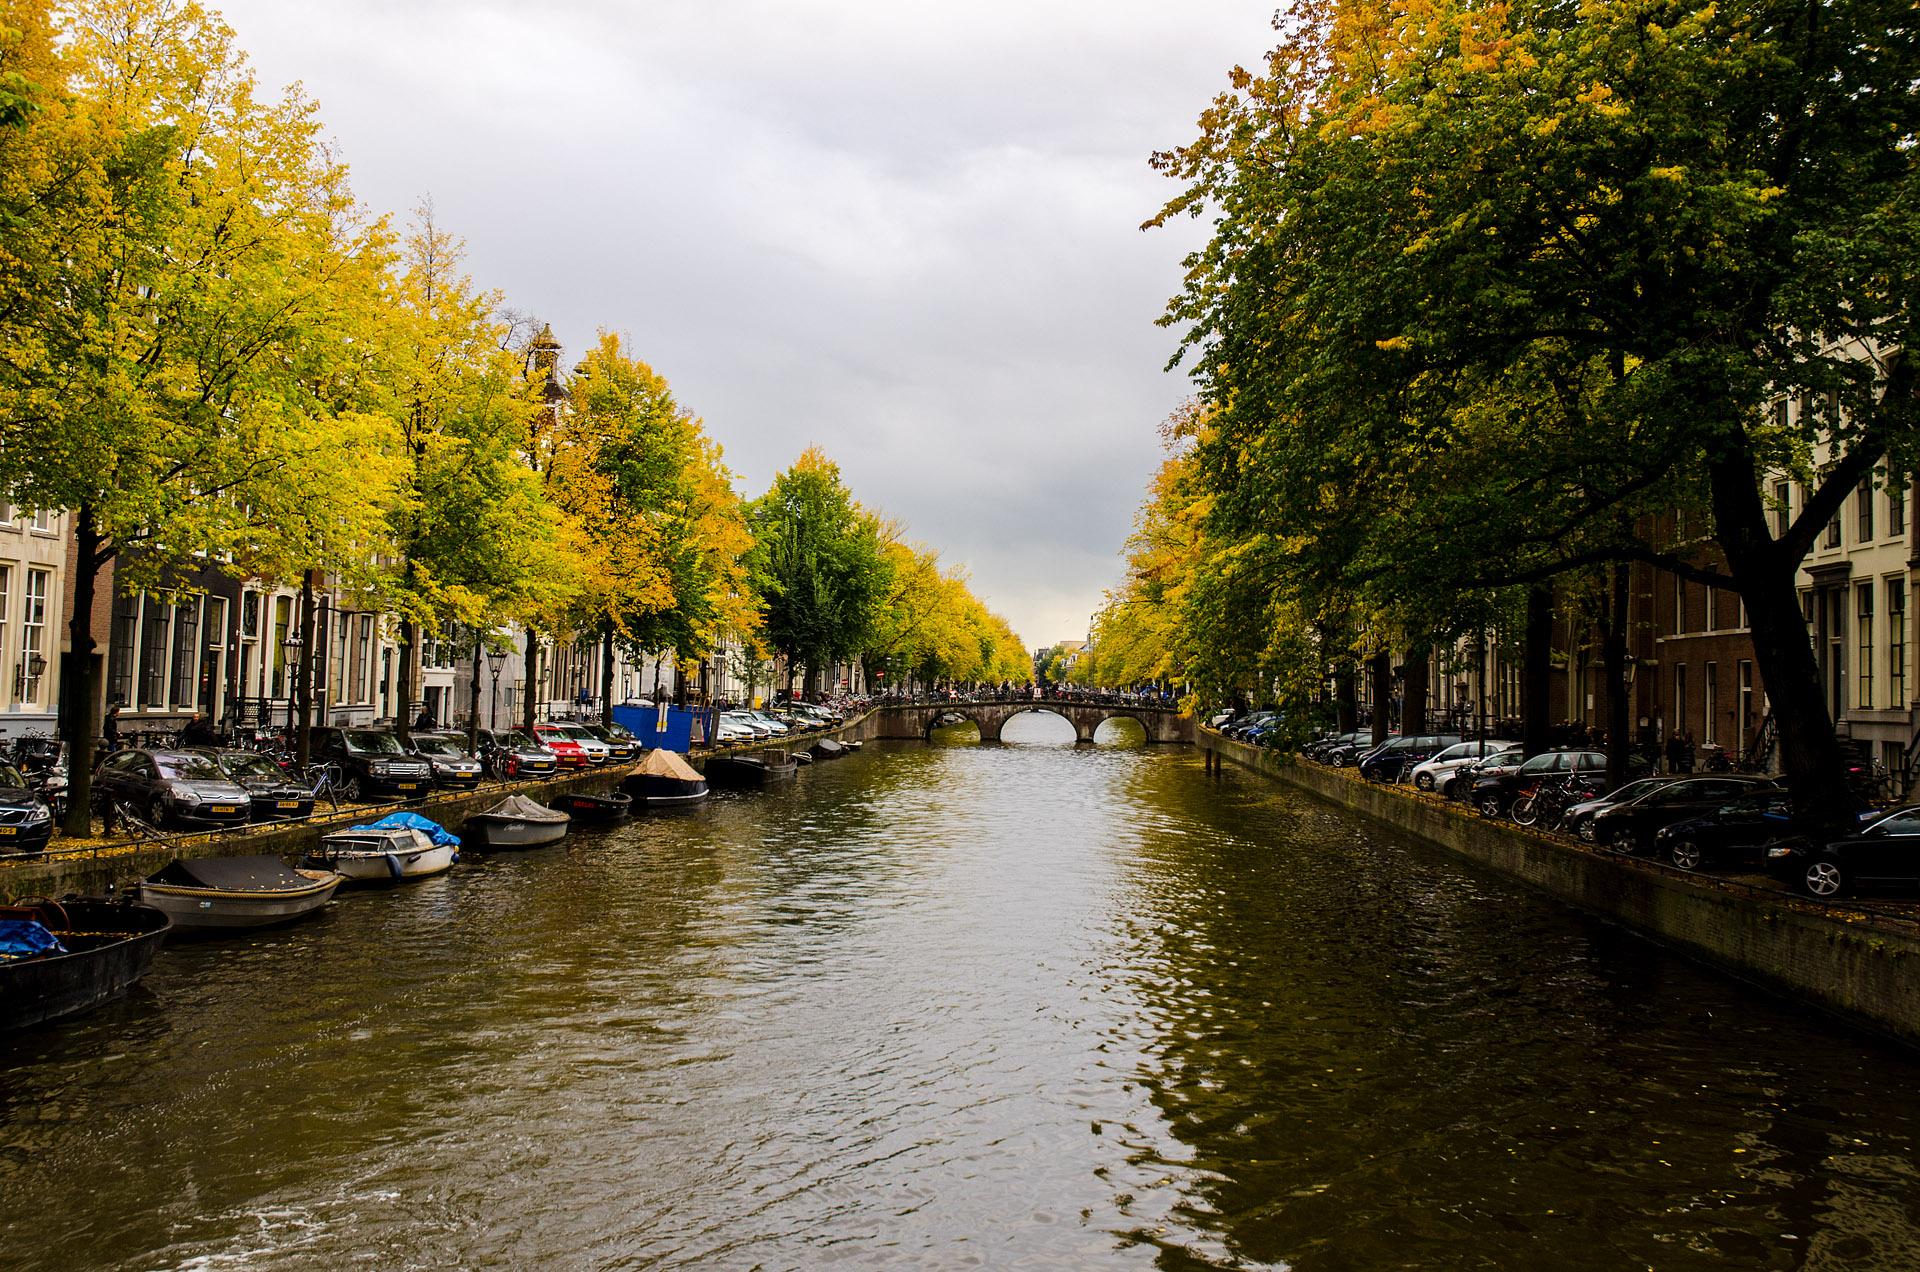 Keizersgracht (Emperor's Canal)